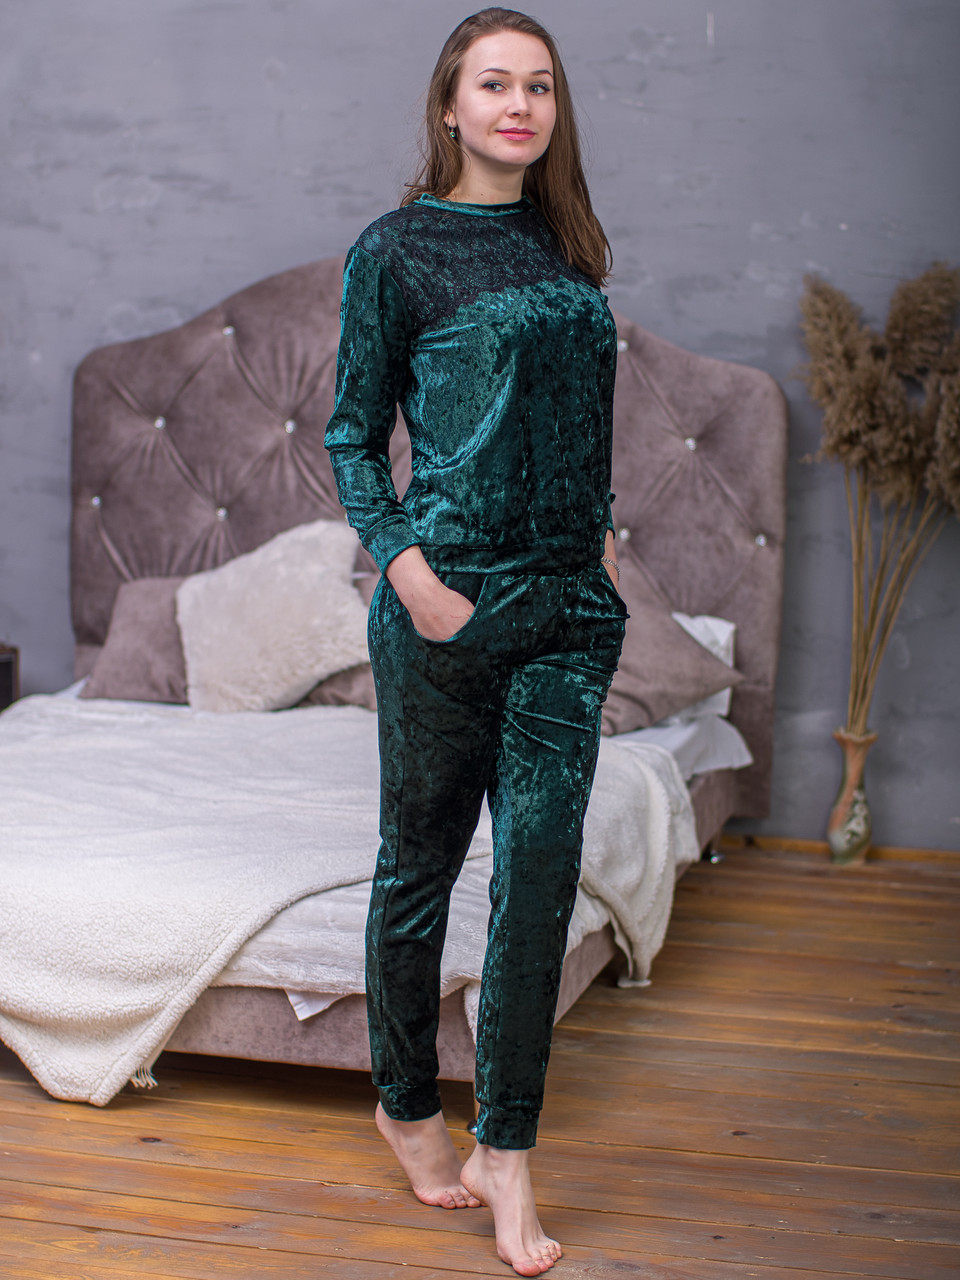 Женский домашний костюм велюровый Serenade зеленый с черным кружевом